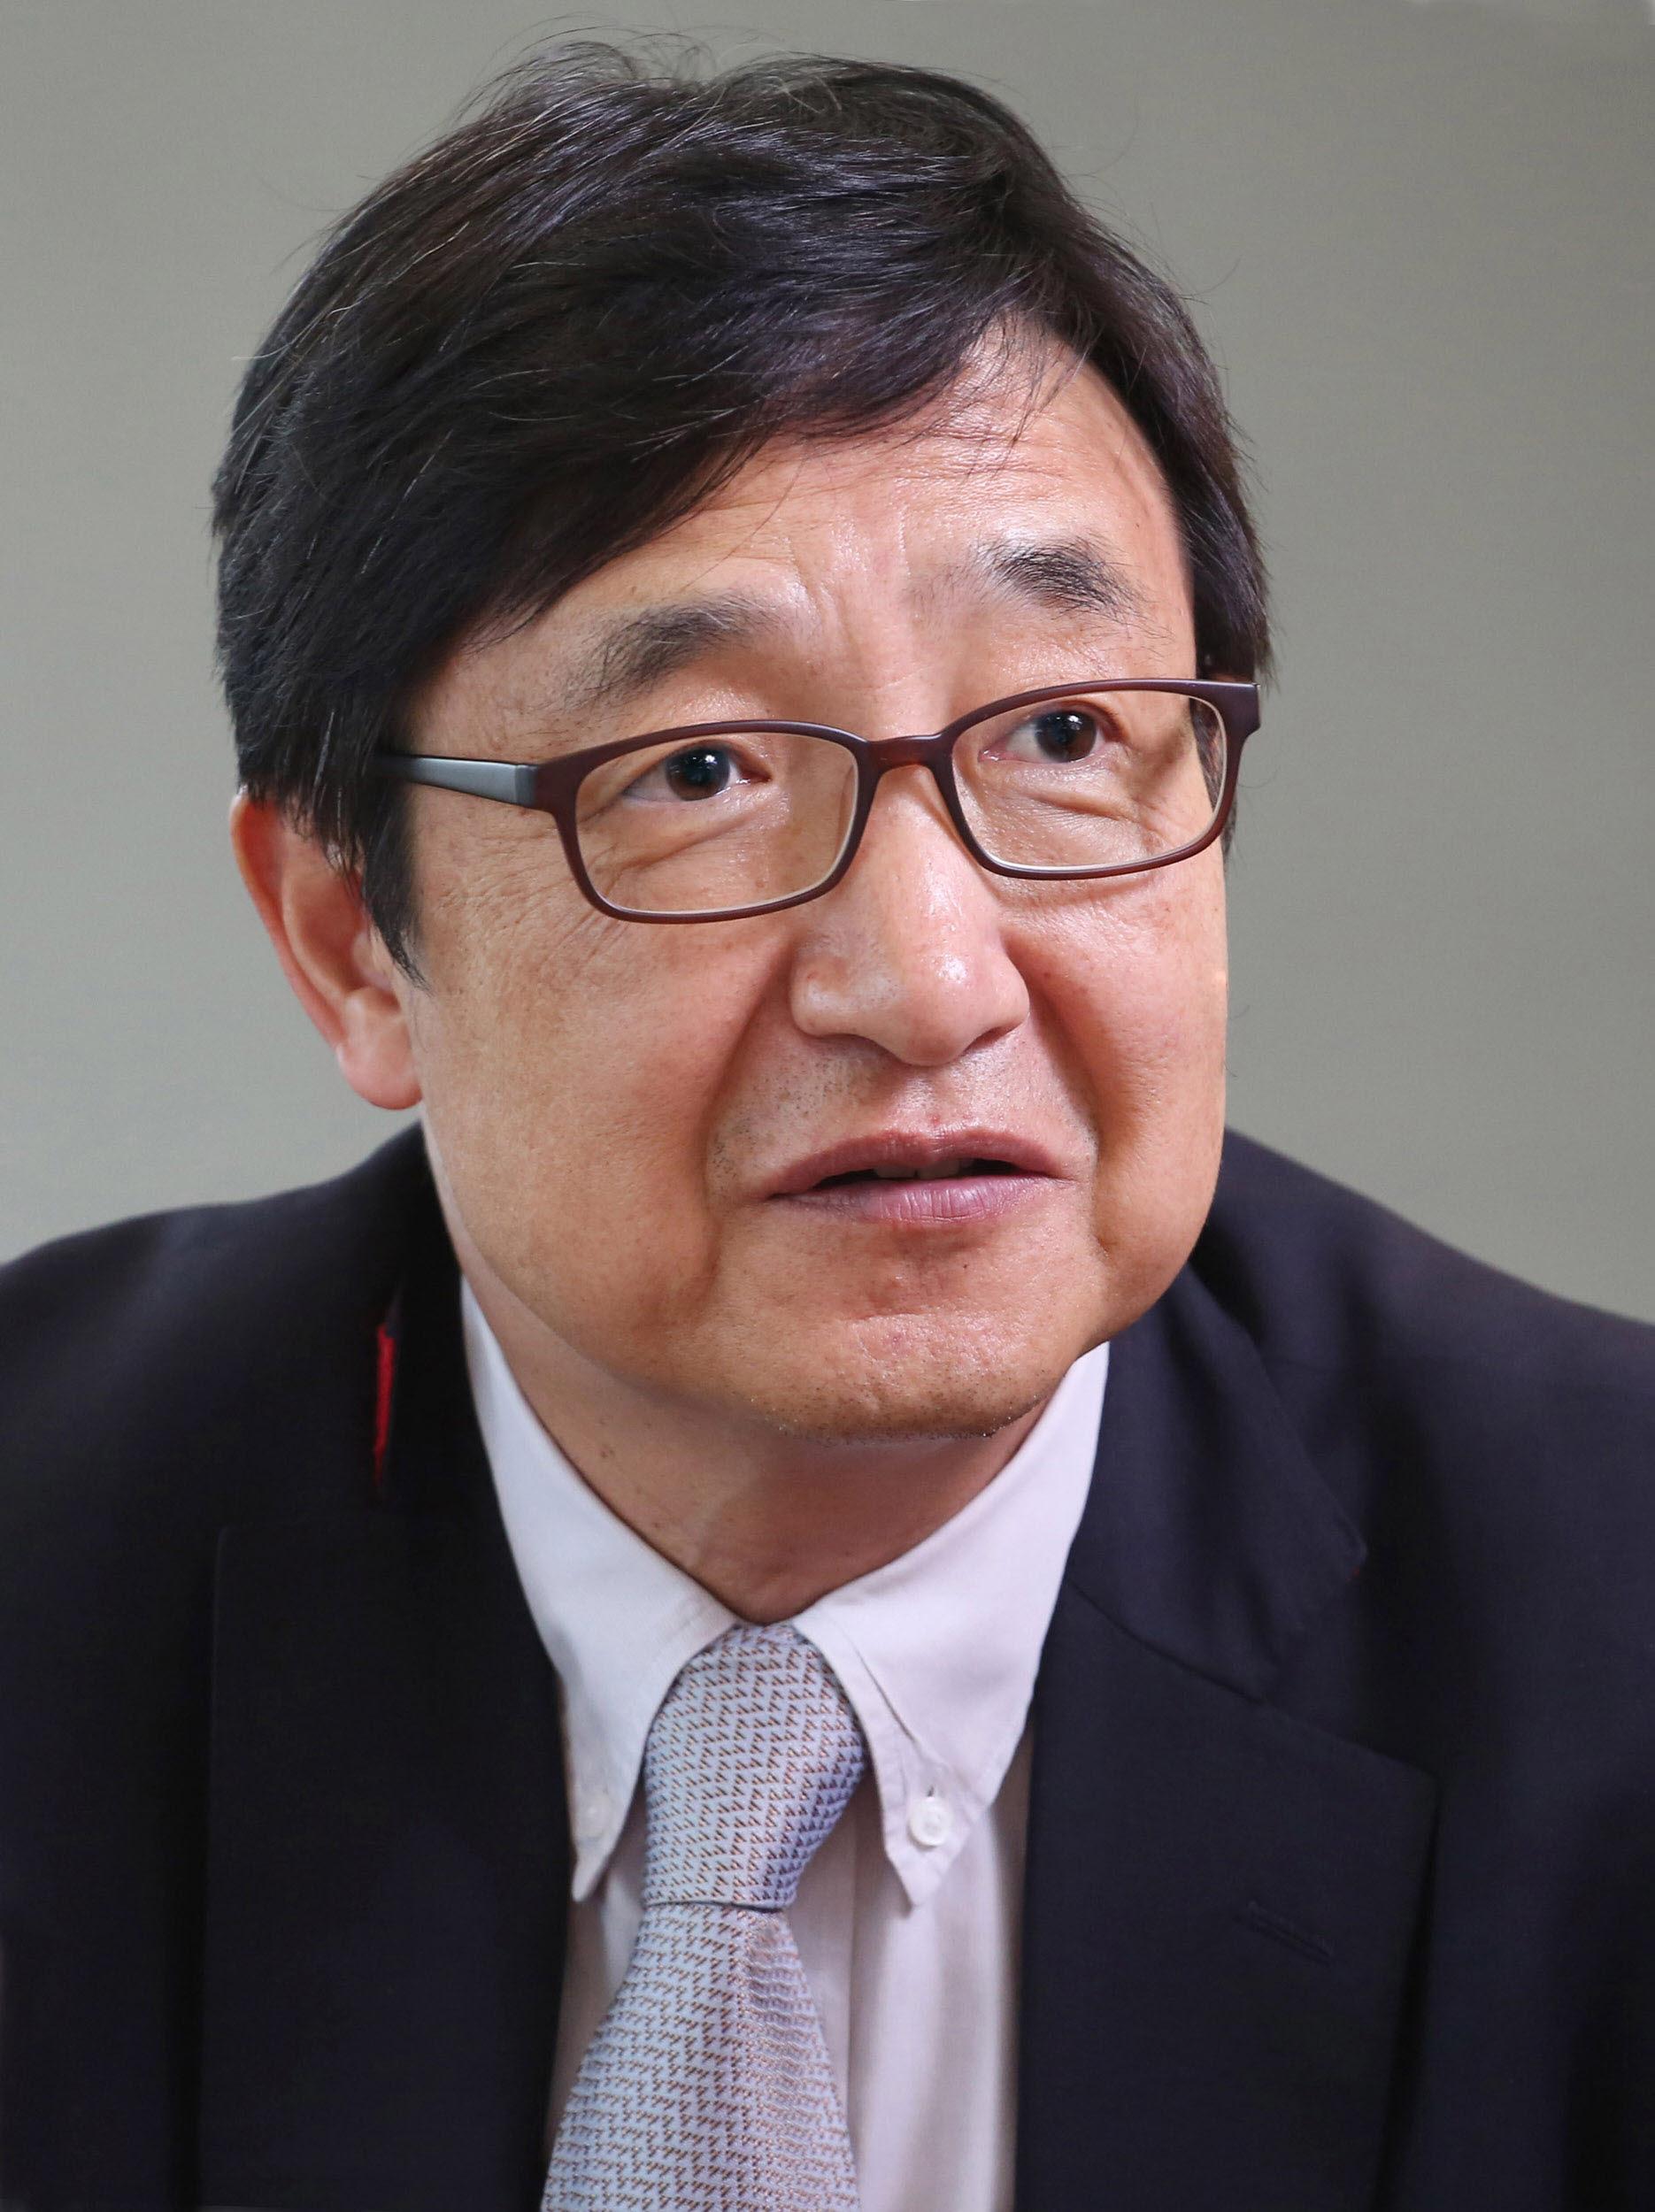 〔안정원의 만난 사람〕 한종률도시건축연구소 대표, 한국인 최초의 국제건축연맹(UIA)부회장